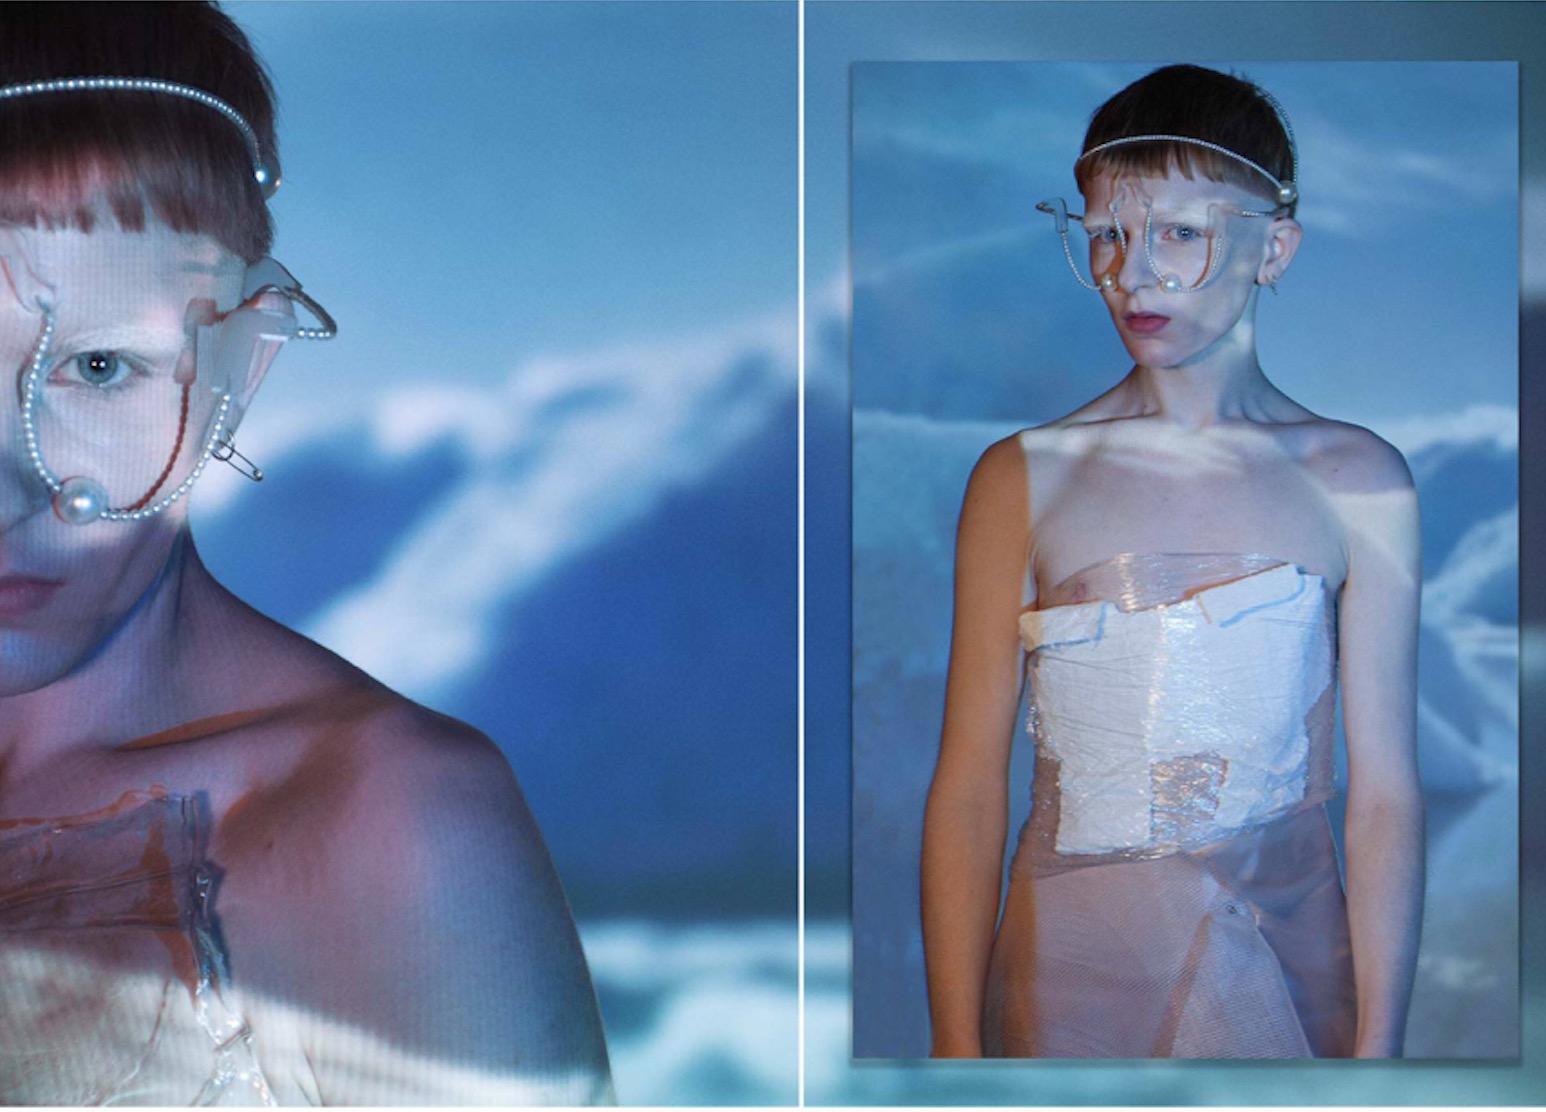 资讯生活珠宝设计师高逸帆入选英国服装盛典Press Show:精致是珠宝的本来面孔